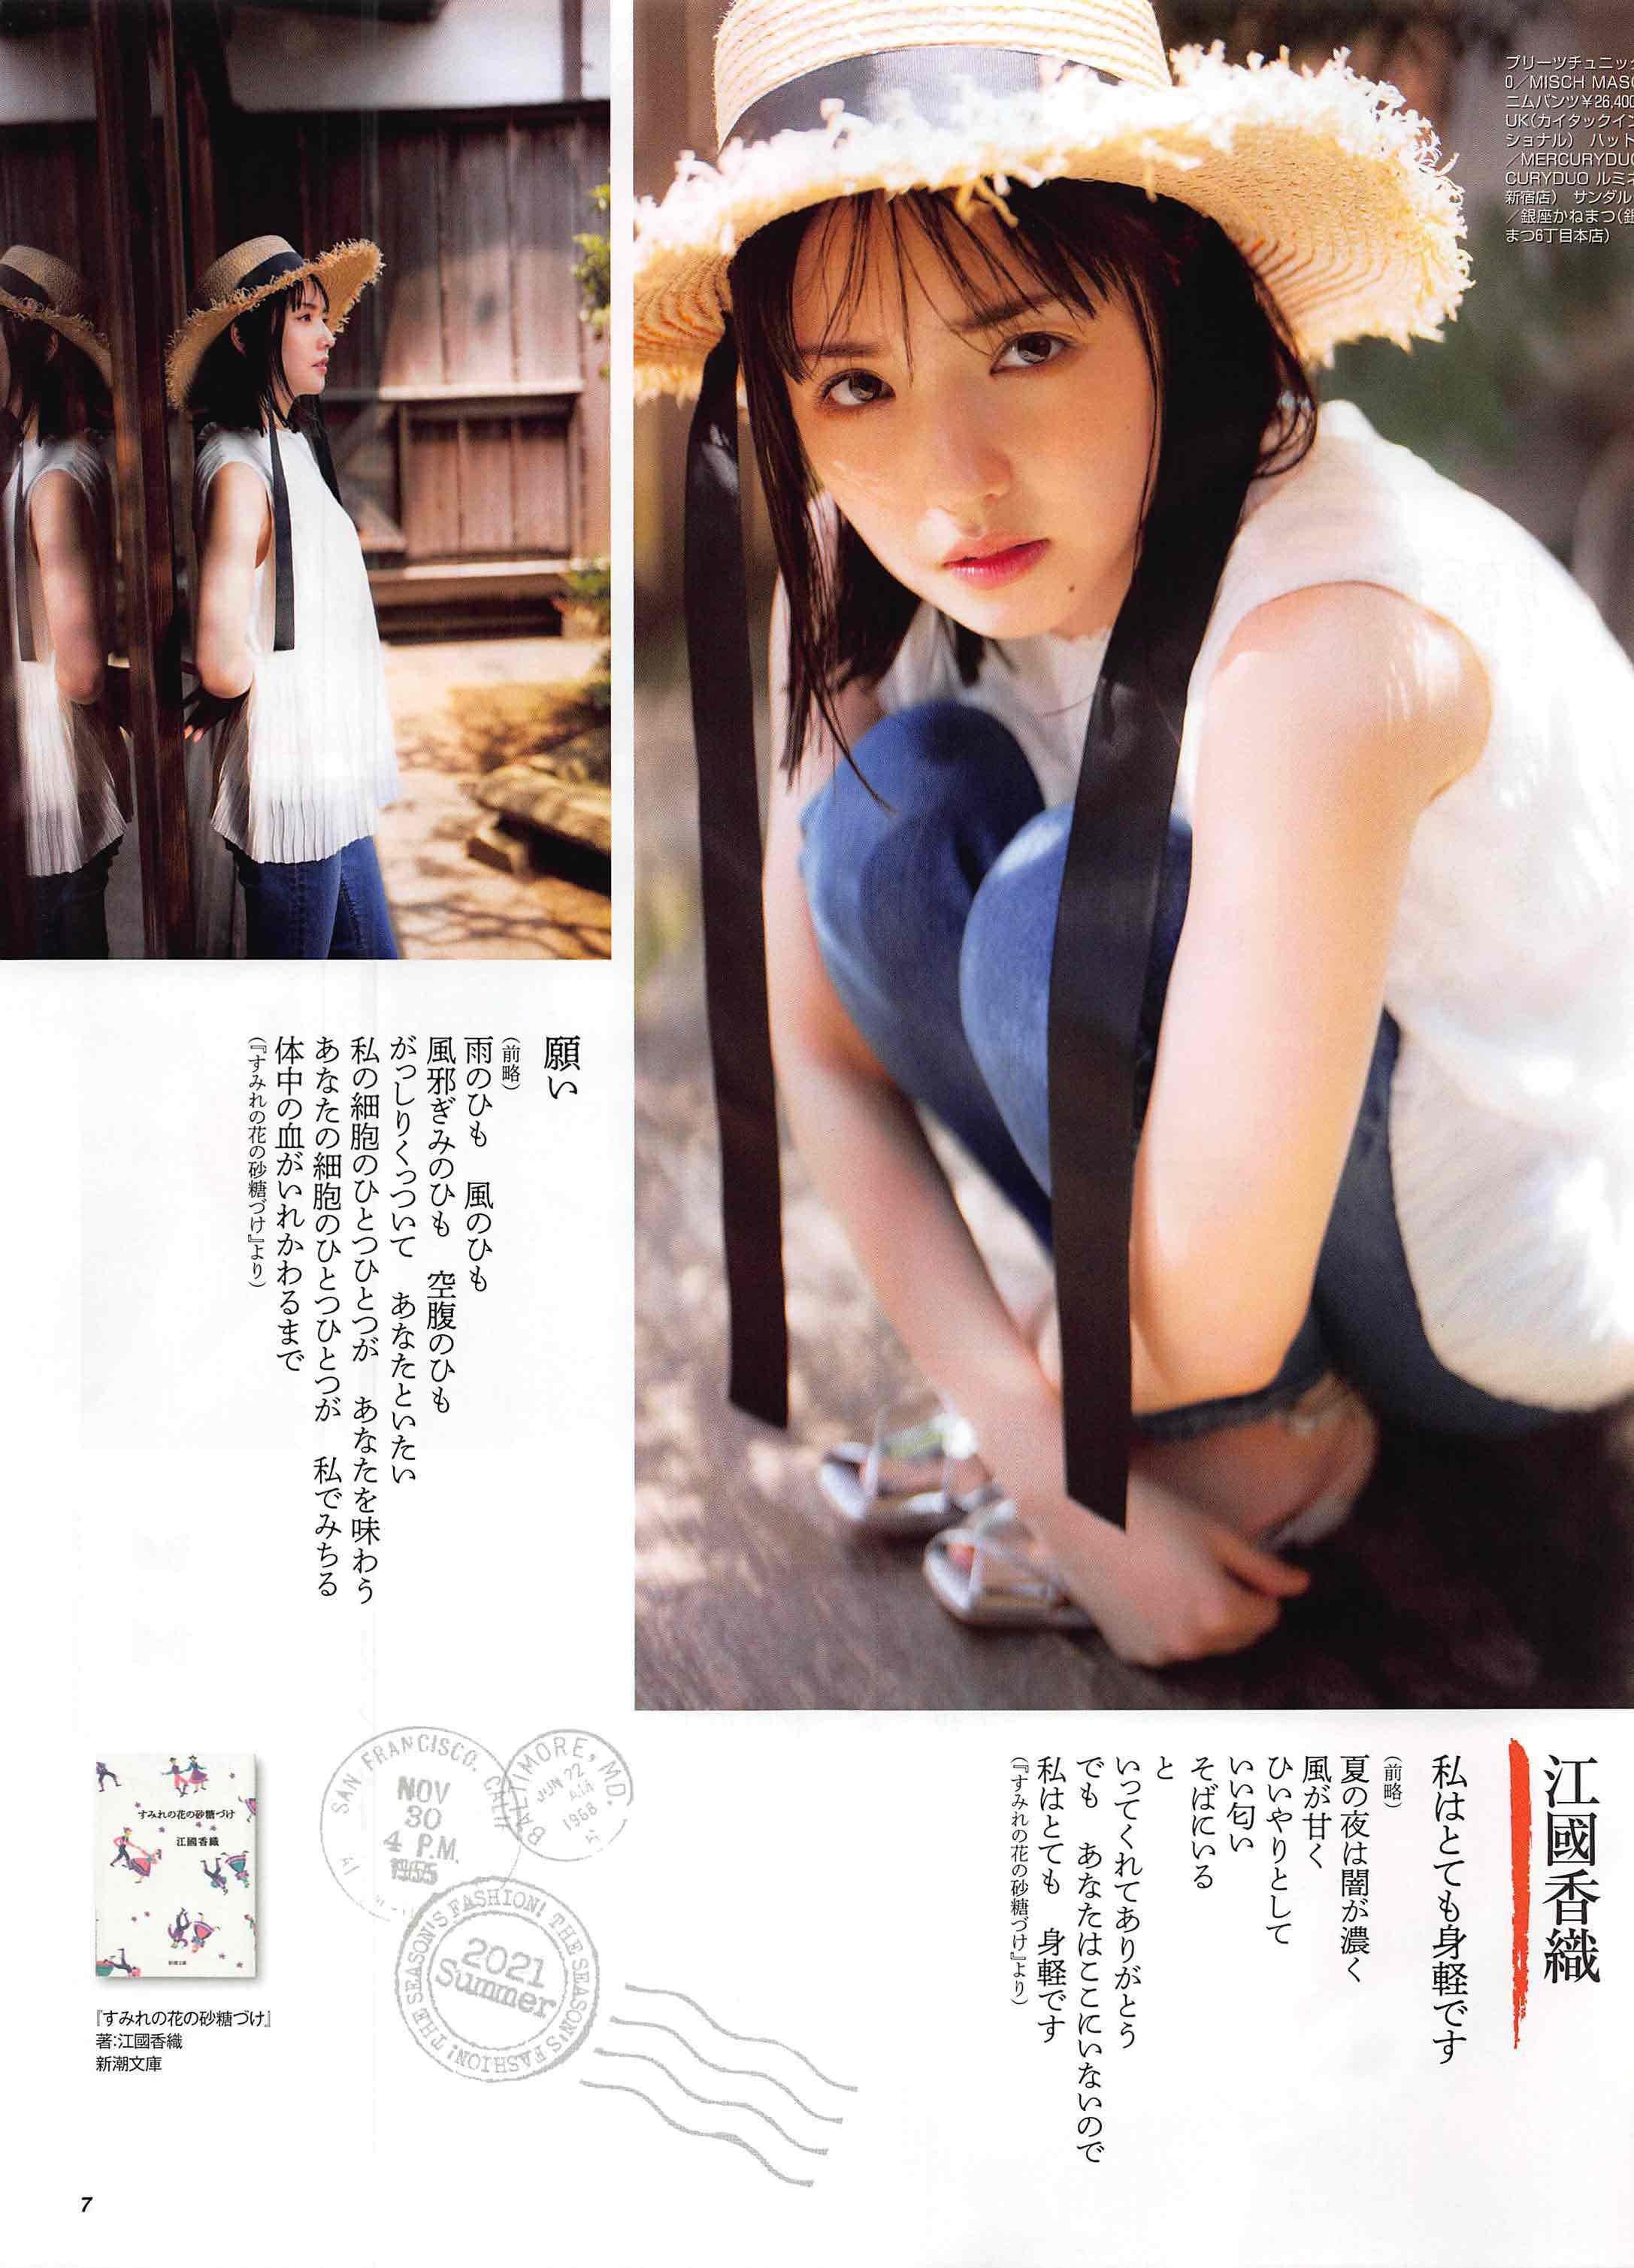 喵妹子写真专辑(第14辑) 养眼图片 第29张